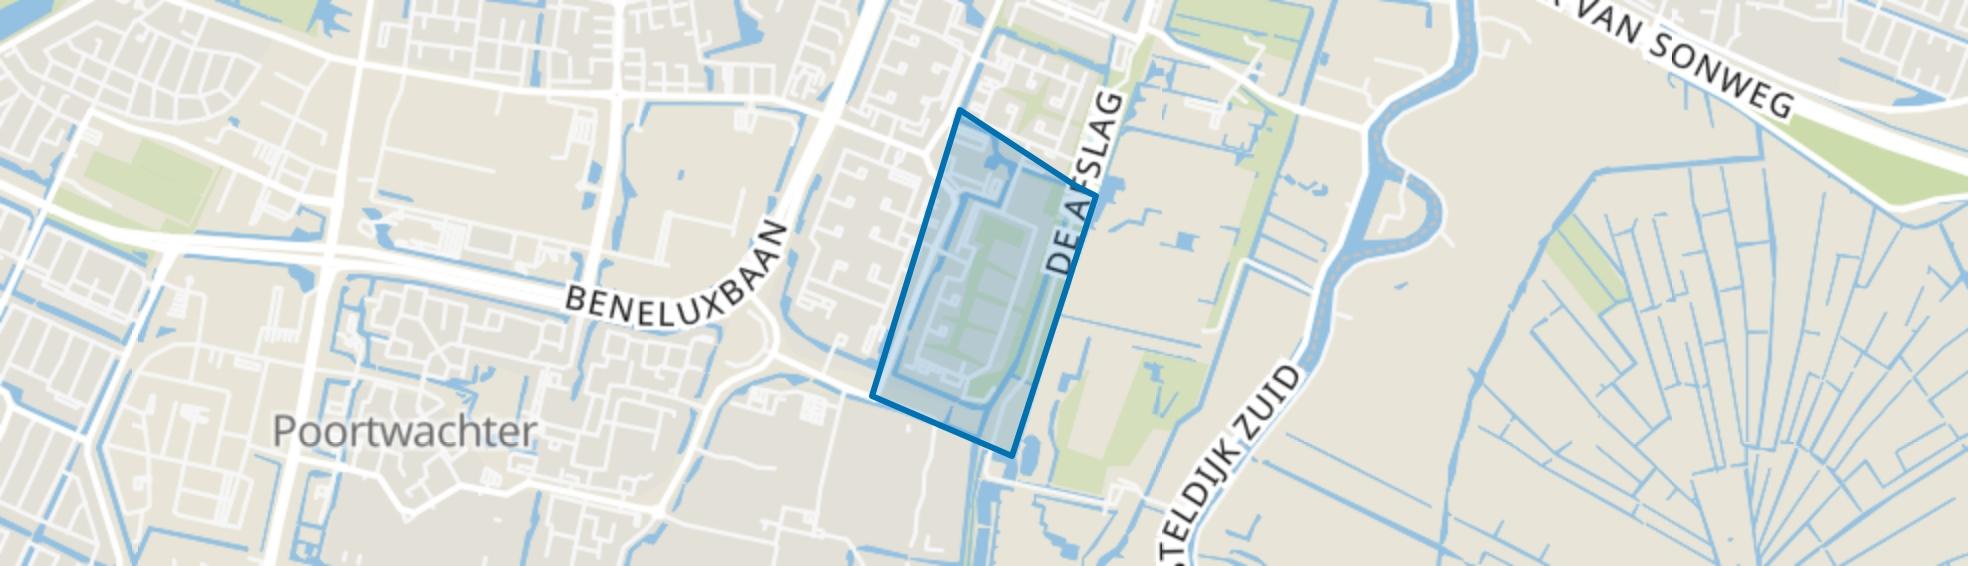 Kringloopbuurt, Amstelveen map